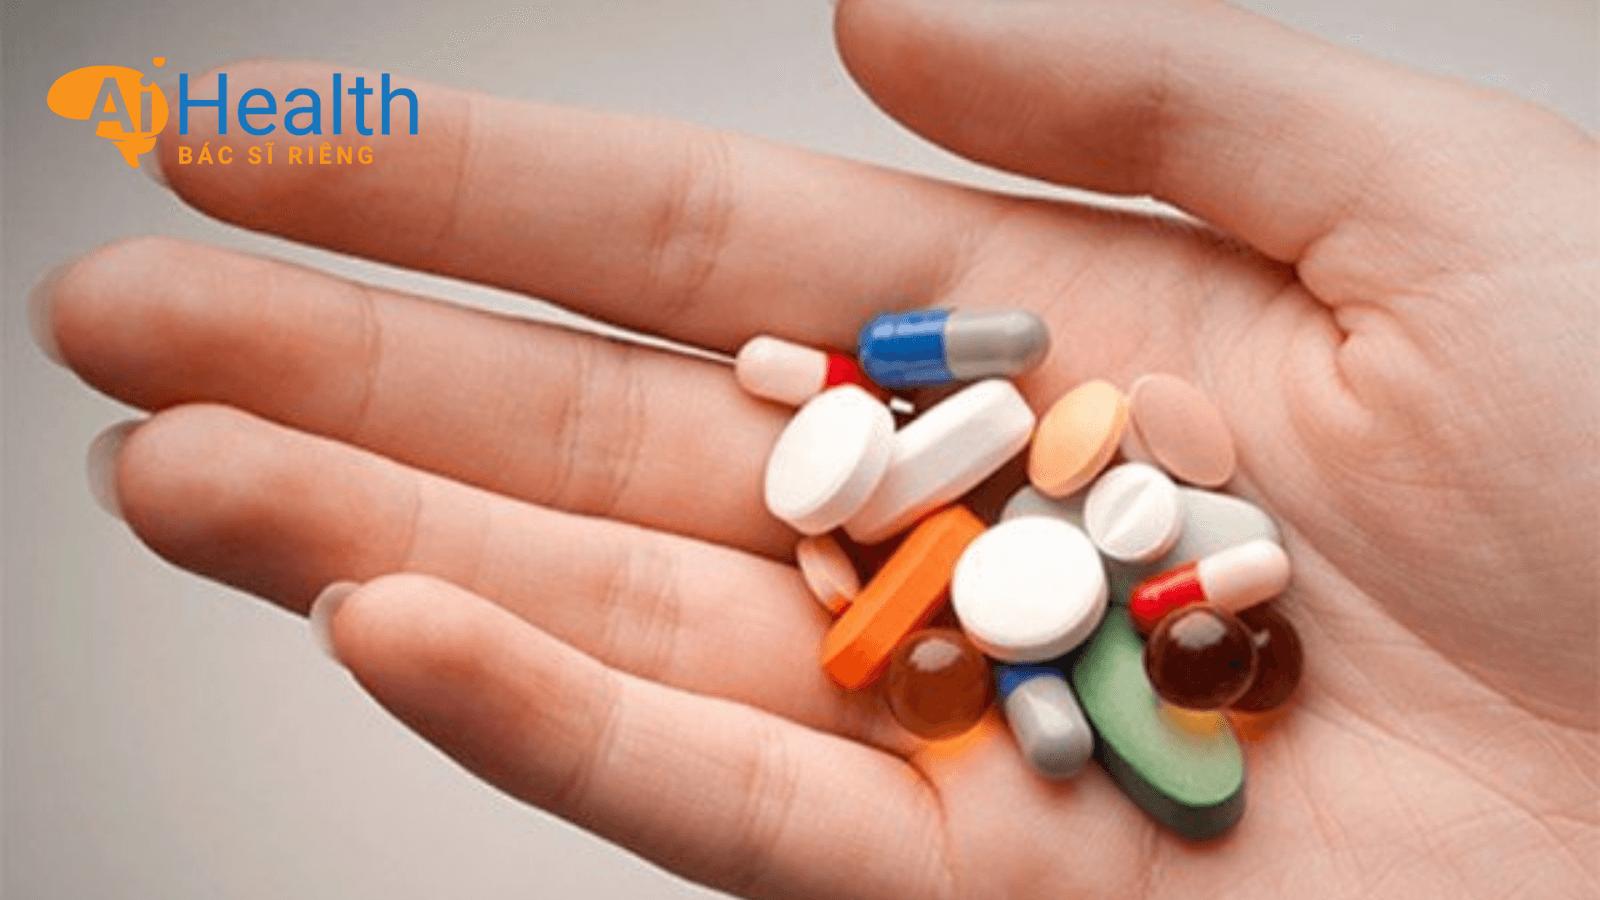 Nền tảng AiHealth liên kết với rất nhiều nhà thuốc có uy tín